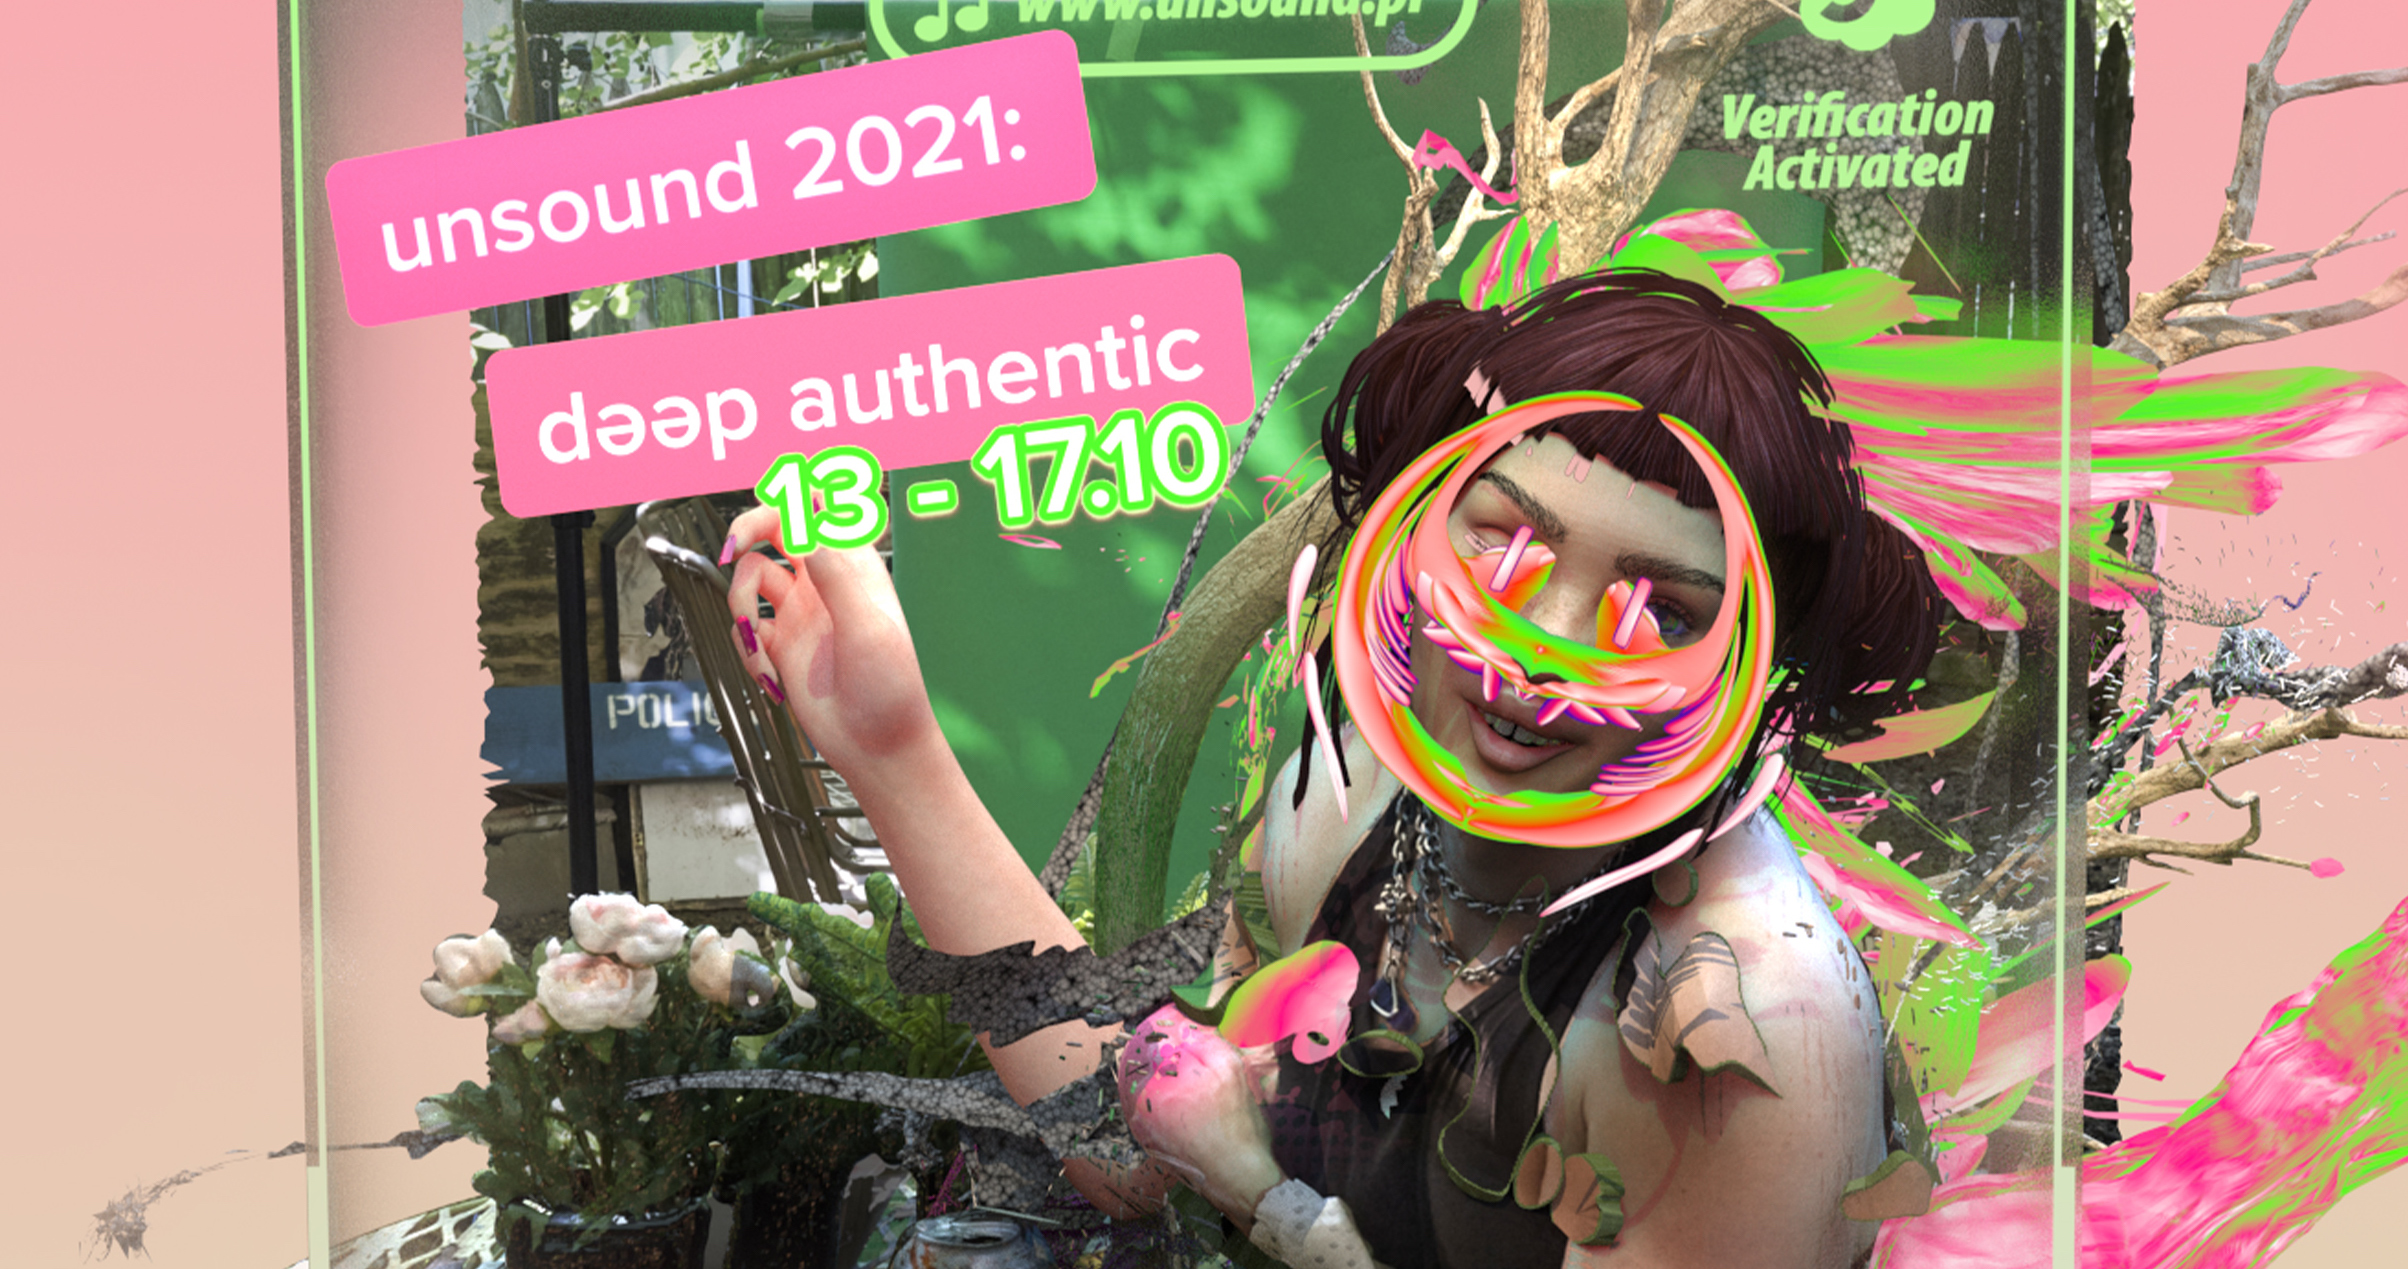 Science-fiction, muzyka, turystyka: Unsound ogłosił ostateczny program